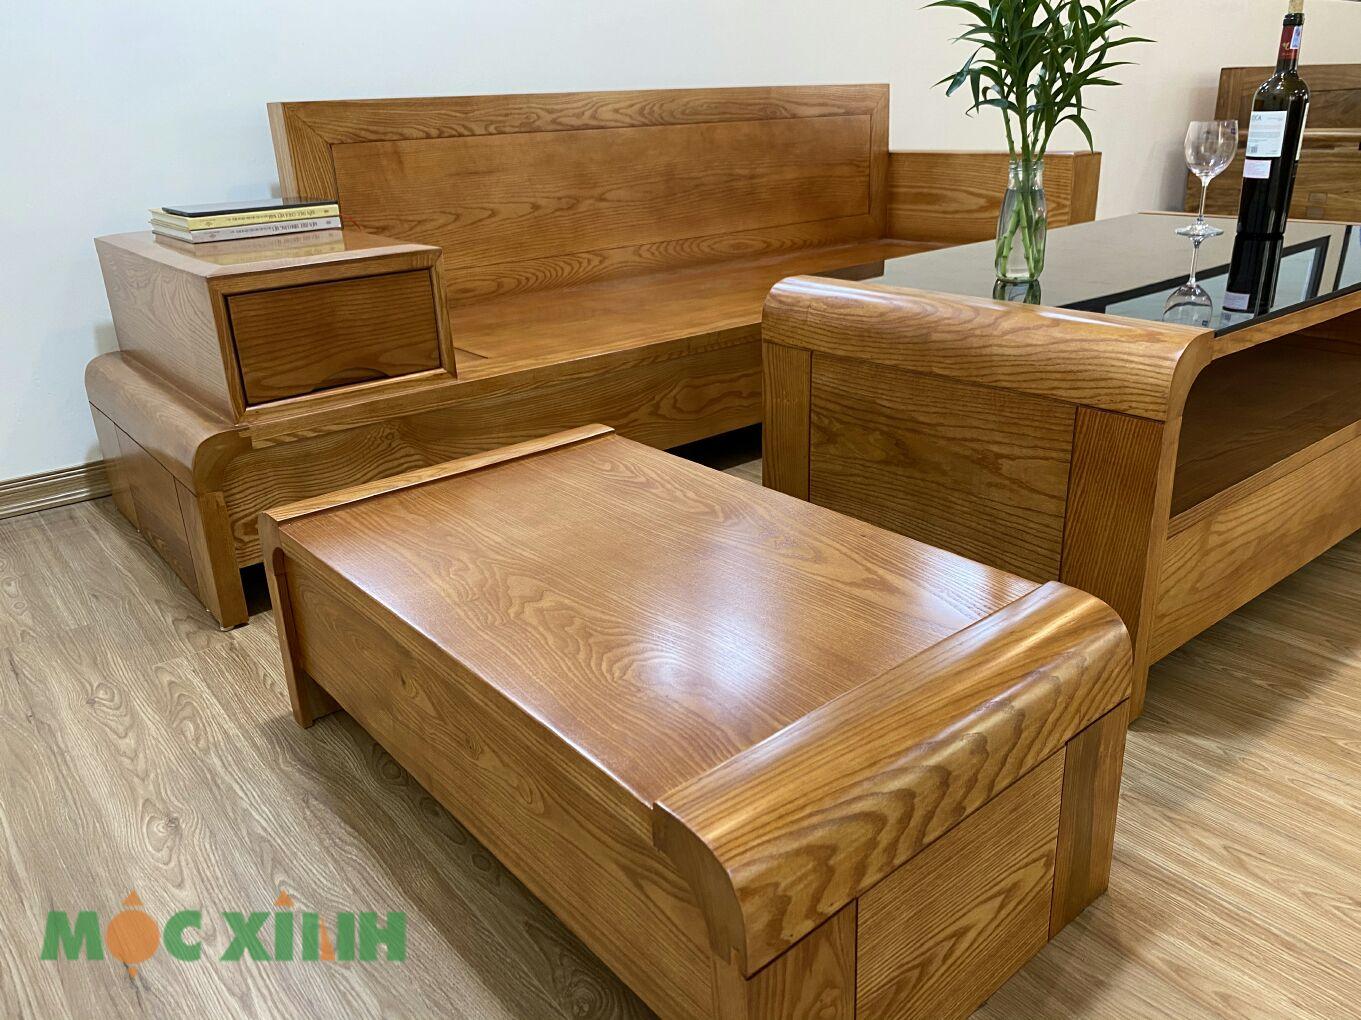 Tổng thể màu sắc của bàn ghế giúp căn nhà sang trọng hơn